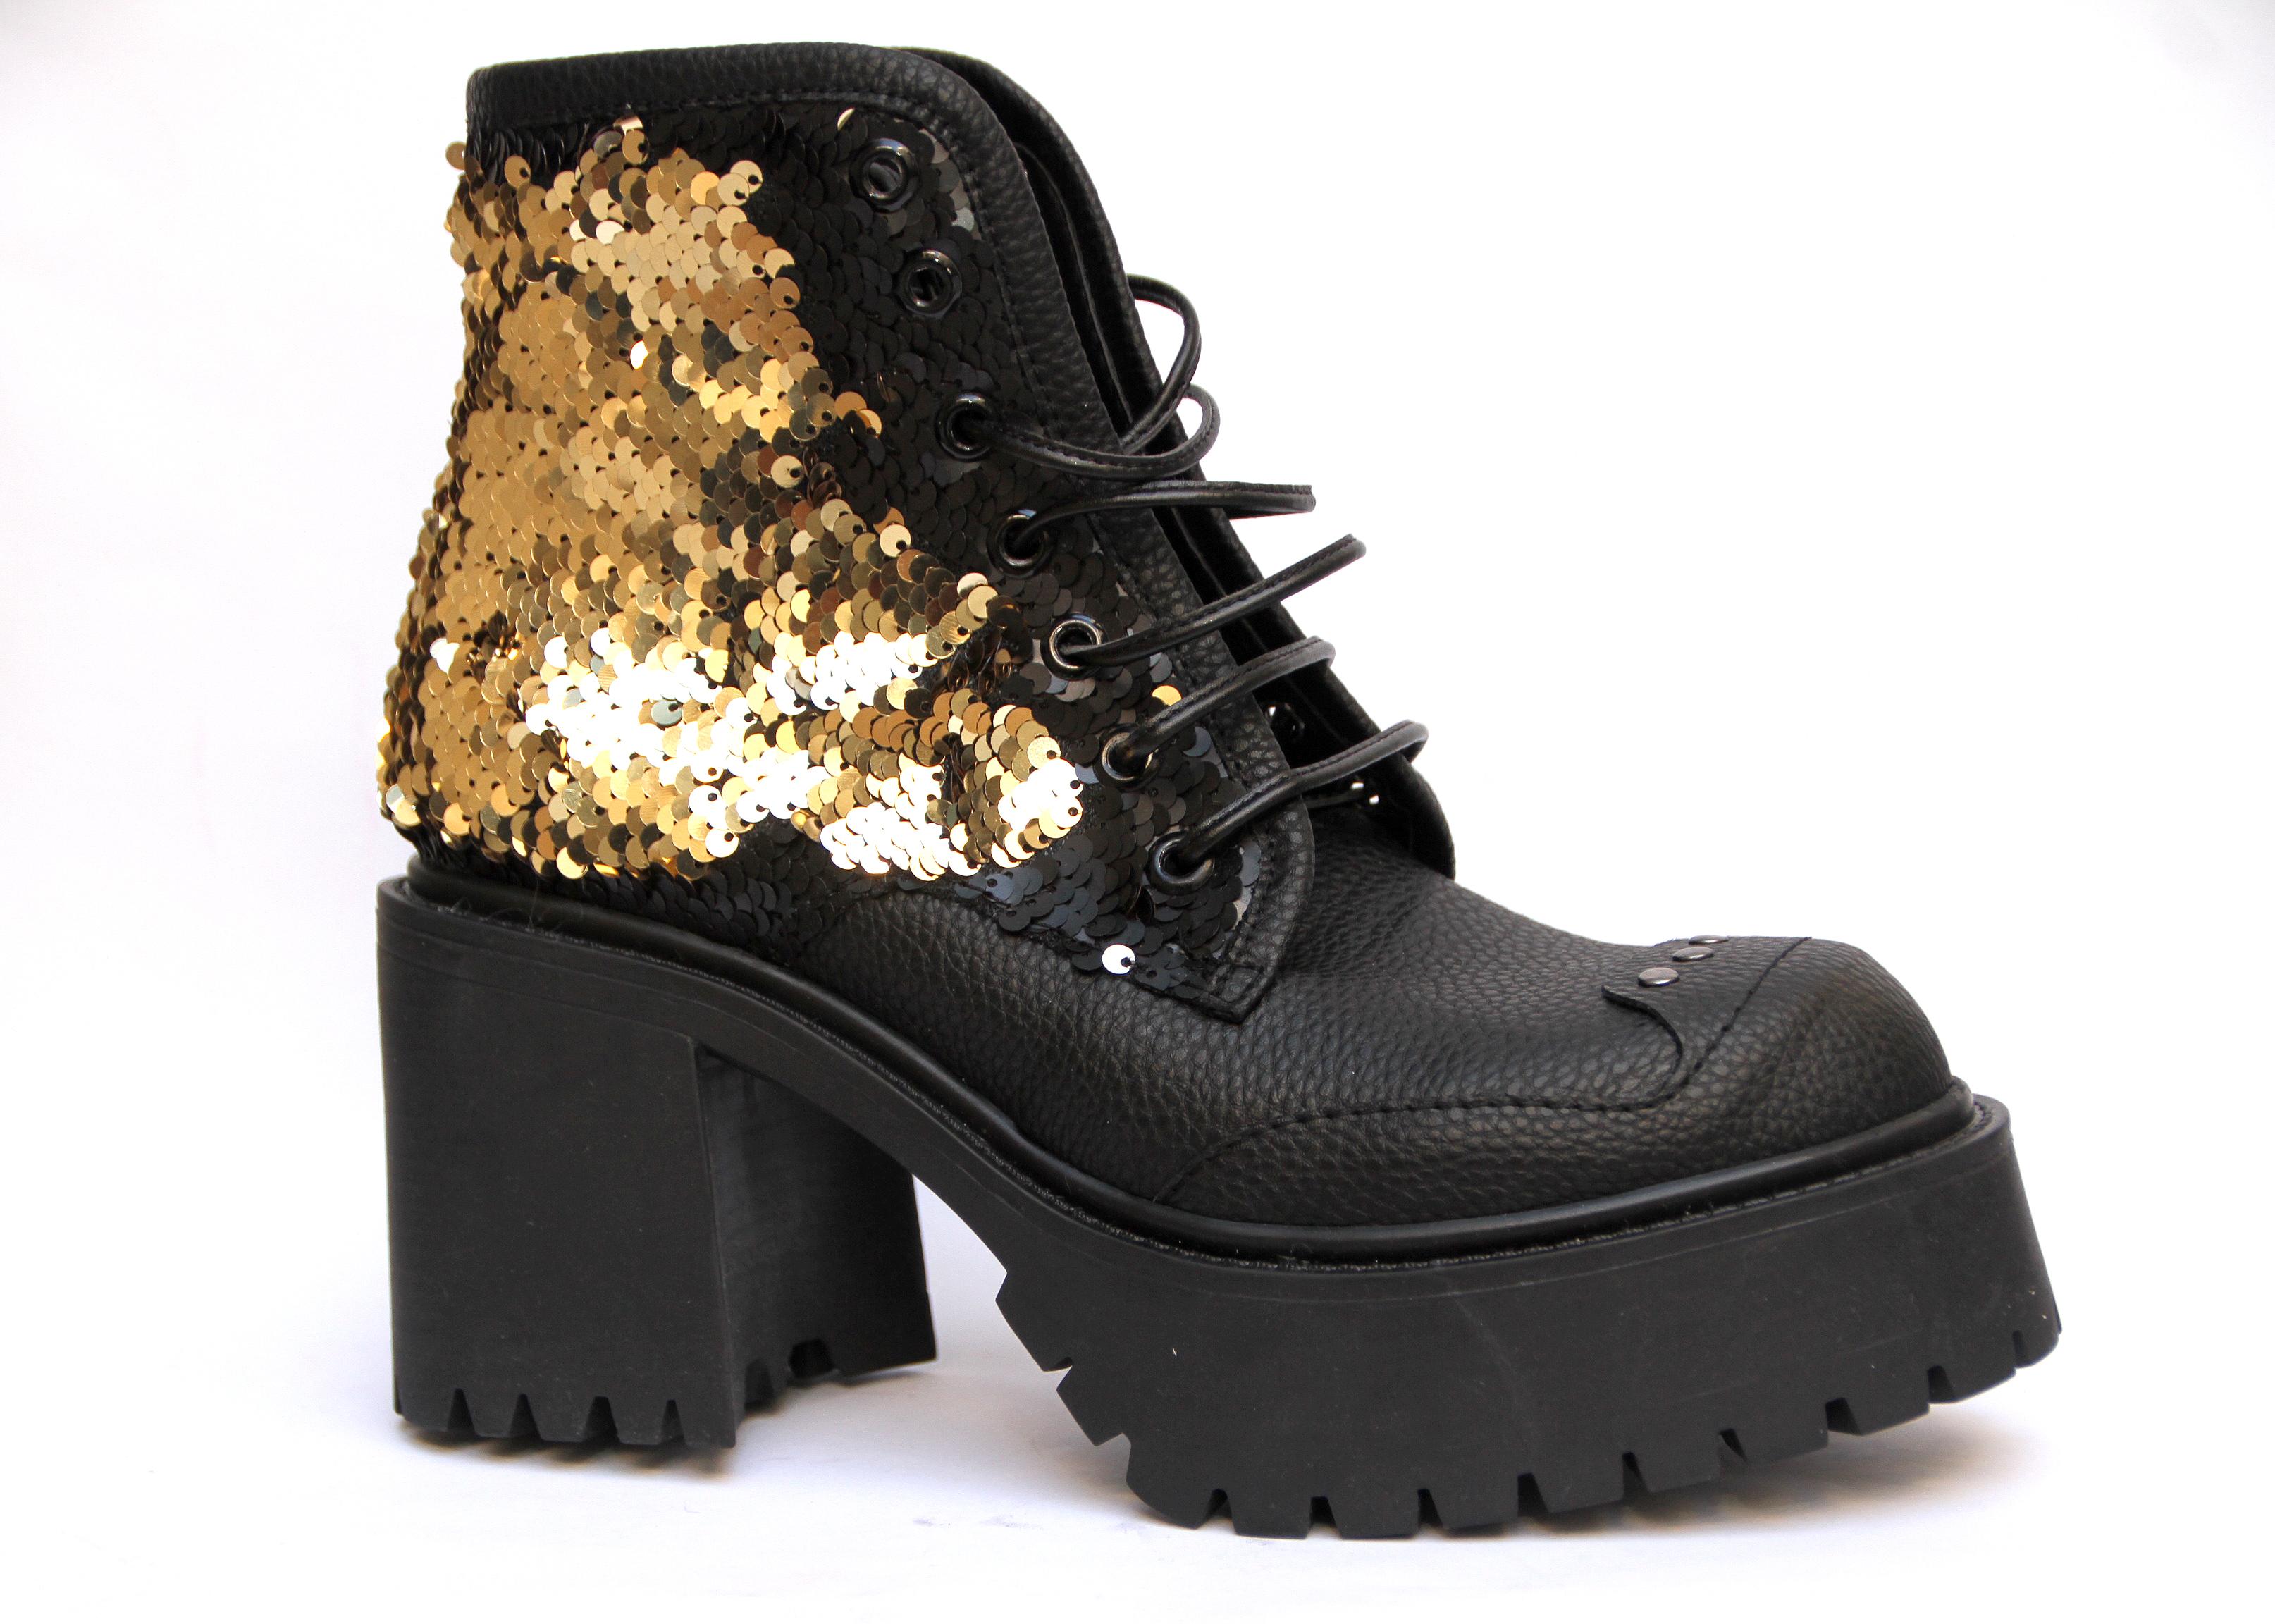 ed6453a67 Zapatos de alto impacto   Diario de Cuyo - Noticias de San Juan ...